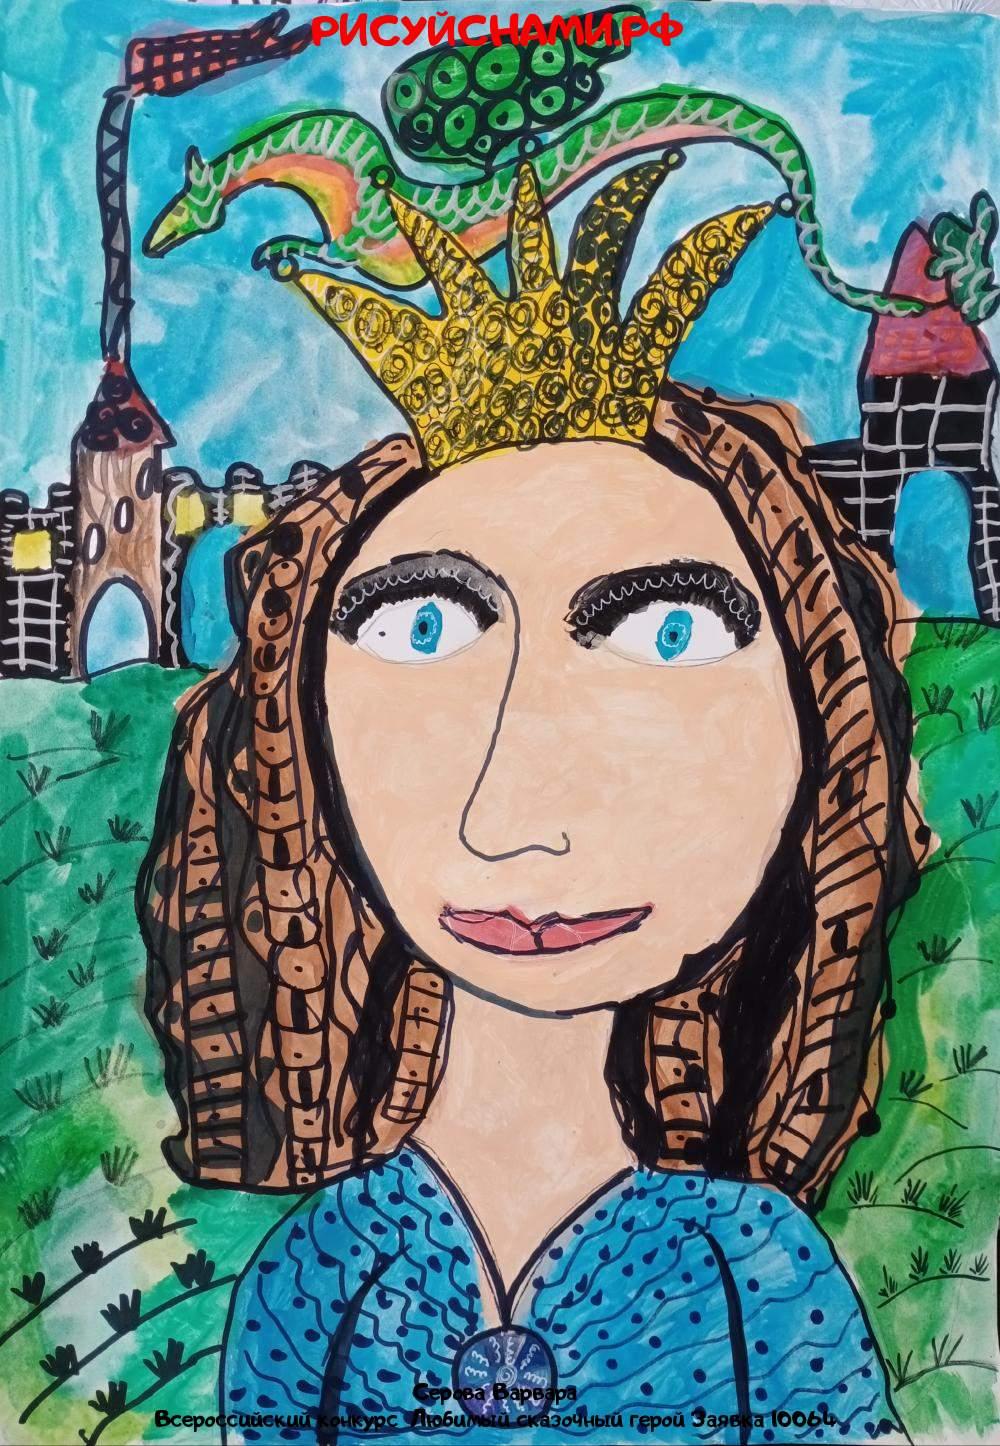 Всероссийский конкурс  Любимый сказочный герой Заявка 10064  творческие конкурсы рисунков для школьников и дошкольников рисуй с нами #тмрисуйснами рисунок и поделка - Серова Варвара